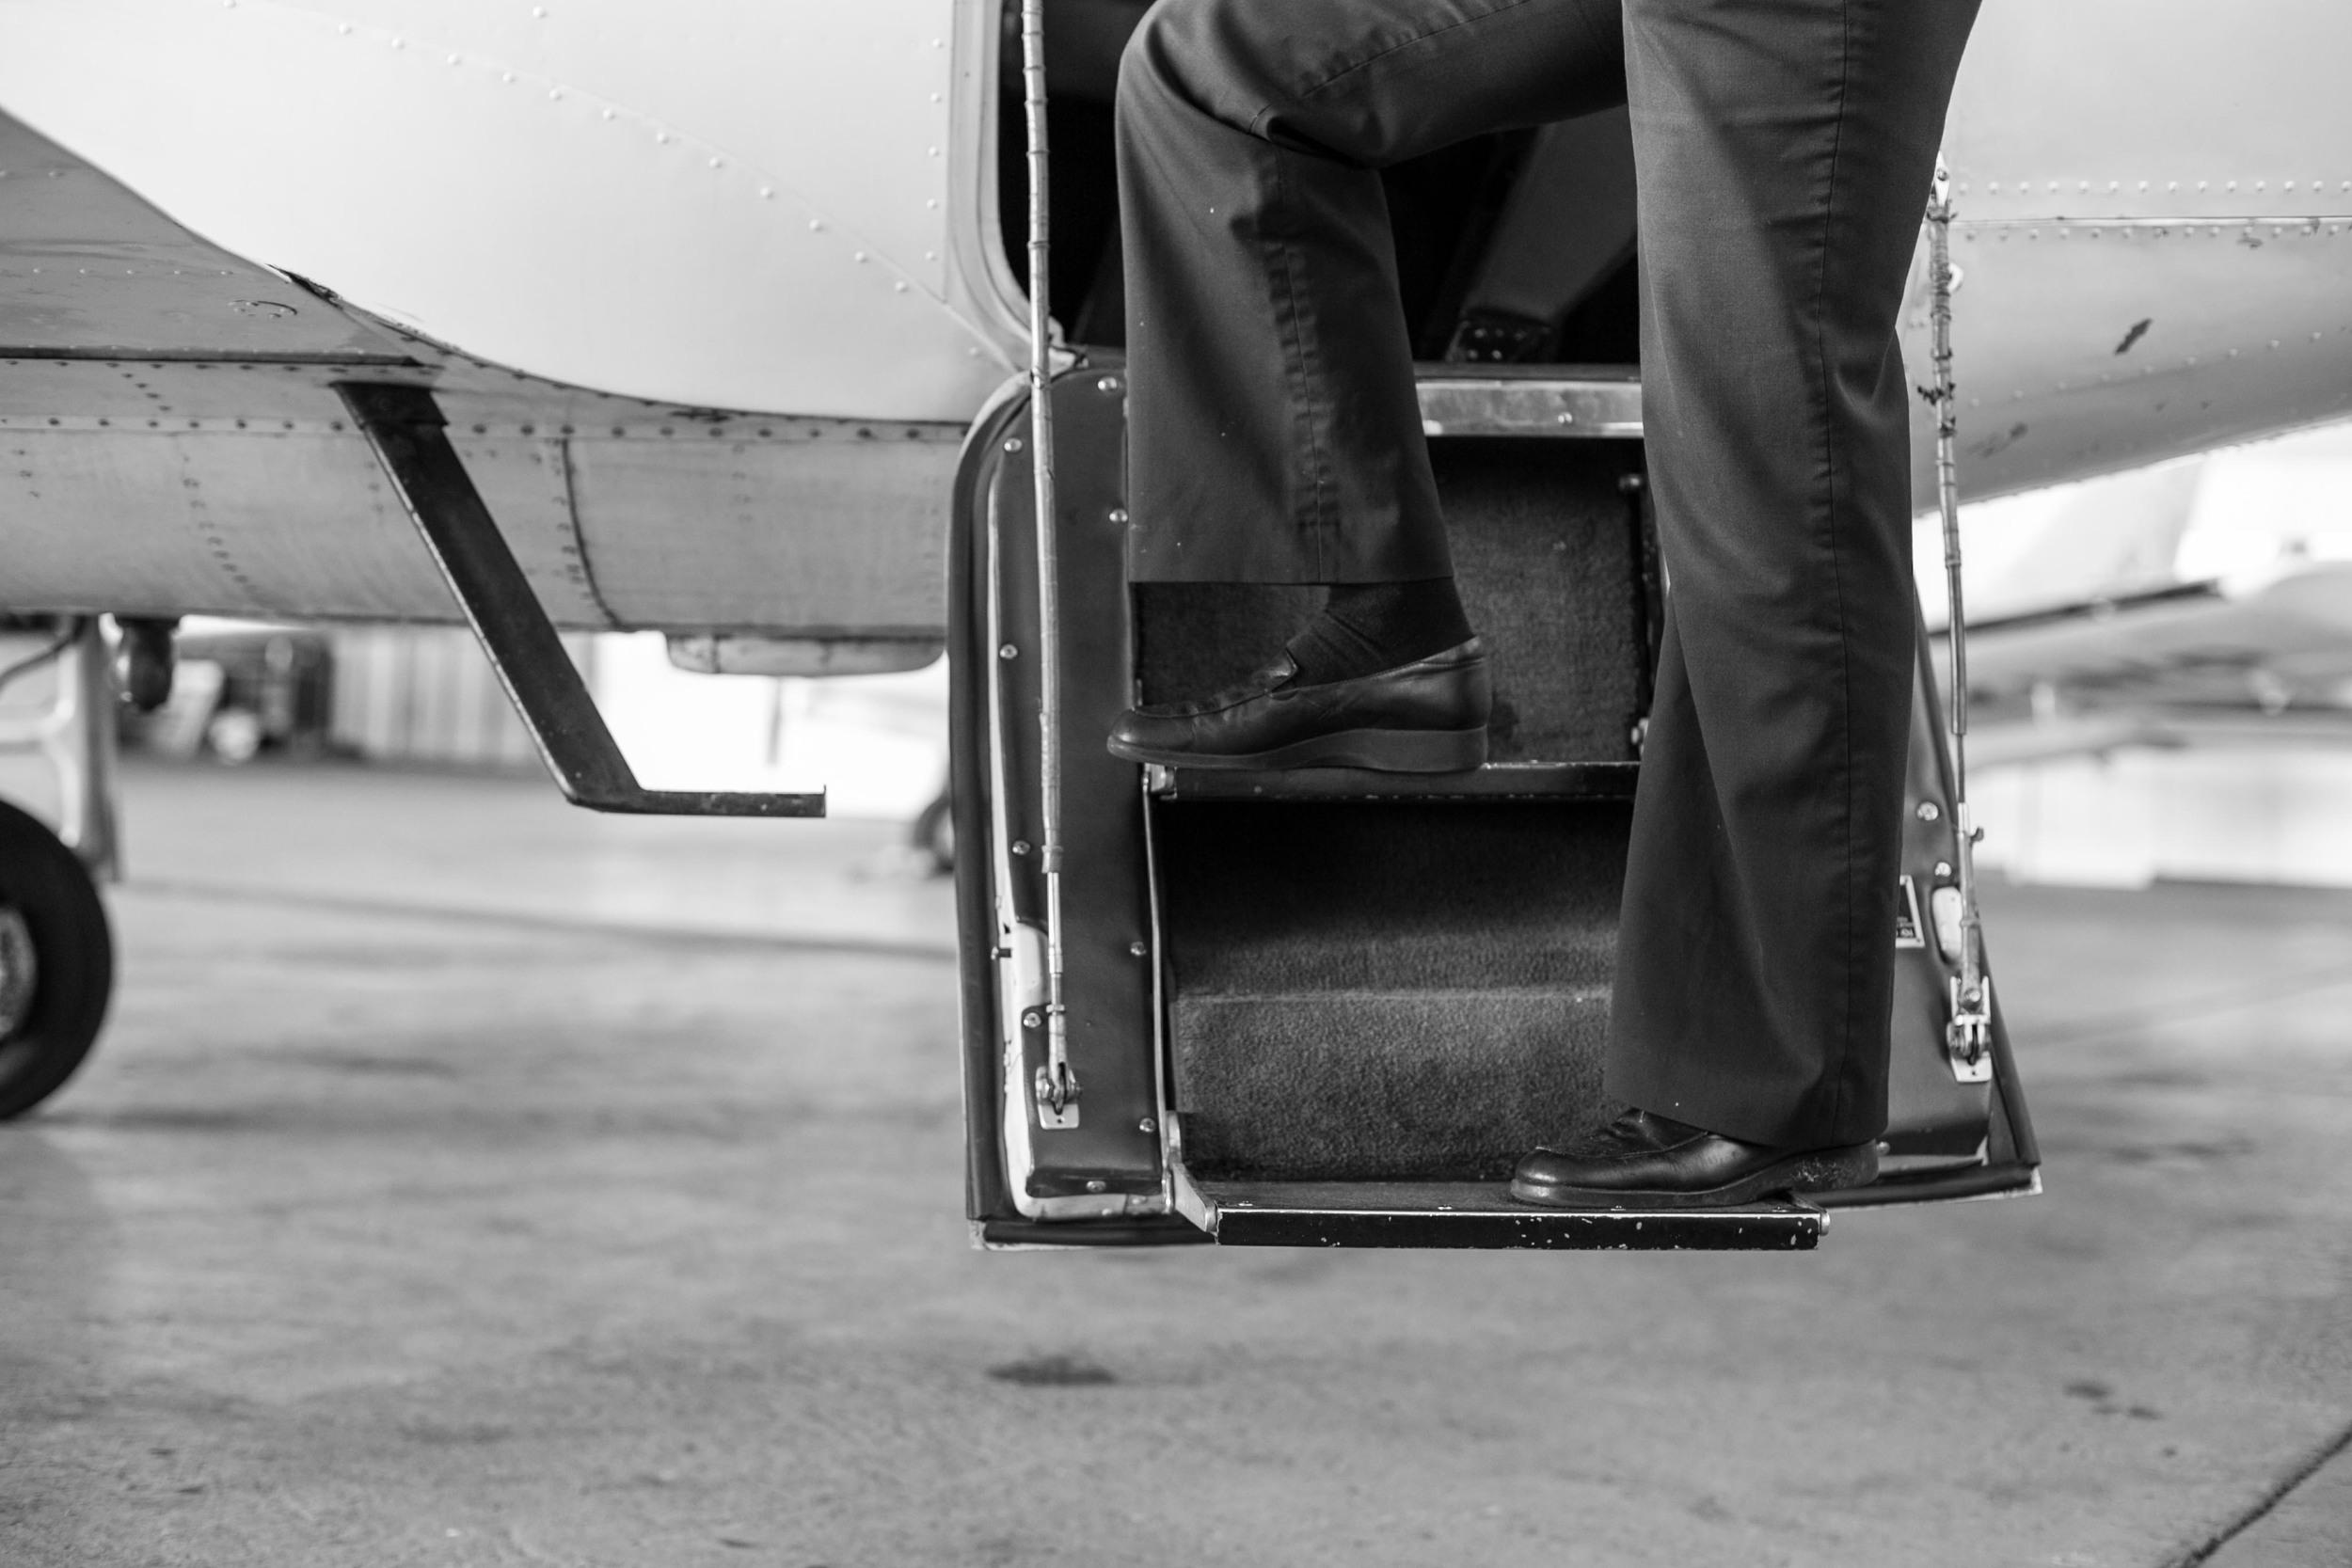 in_venus_Veritas_pilots_BANKSTOWN_AIRPORT-26.jpg